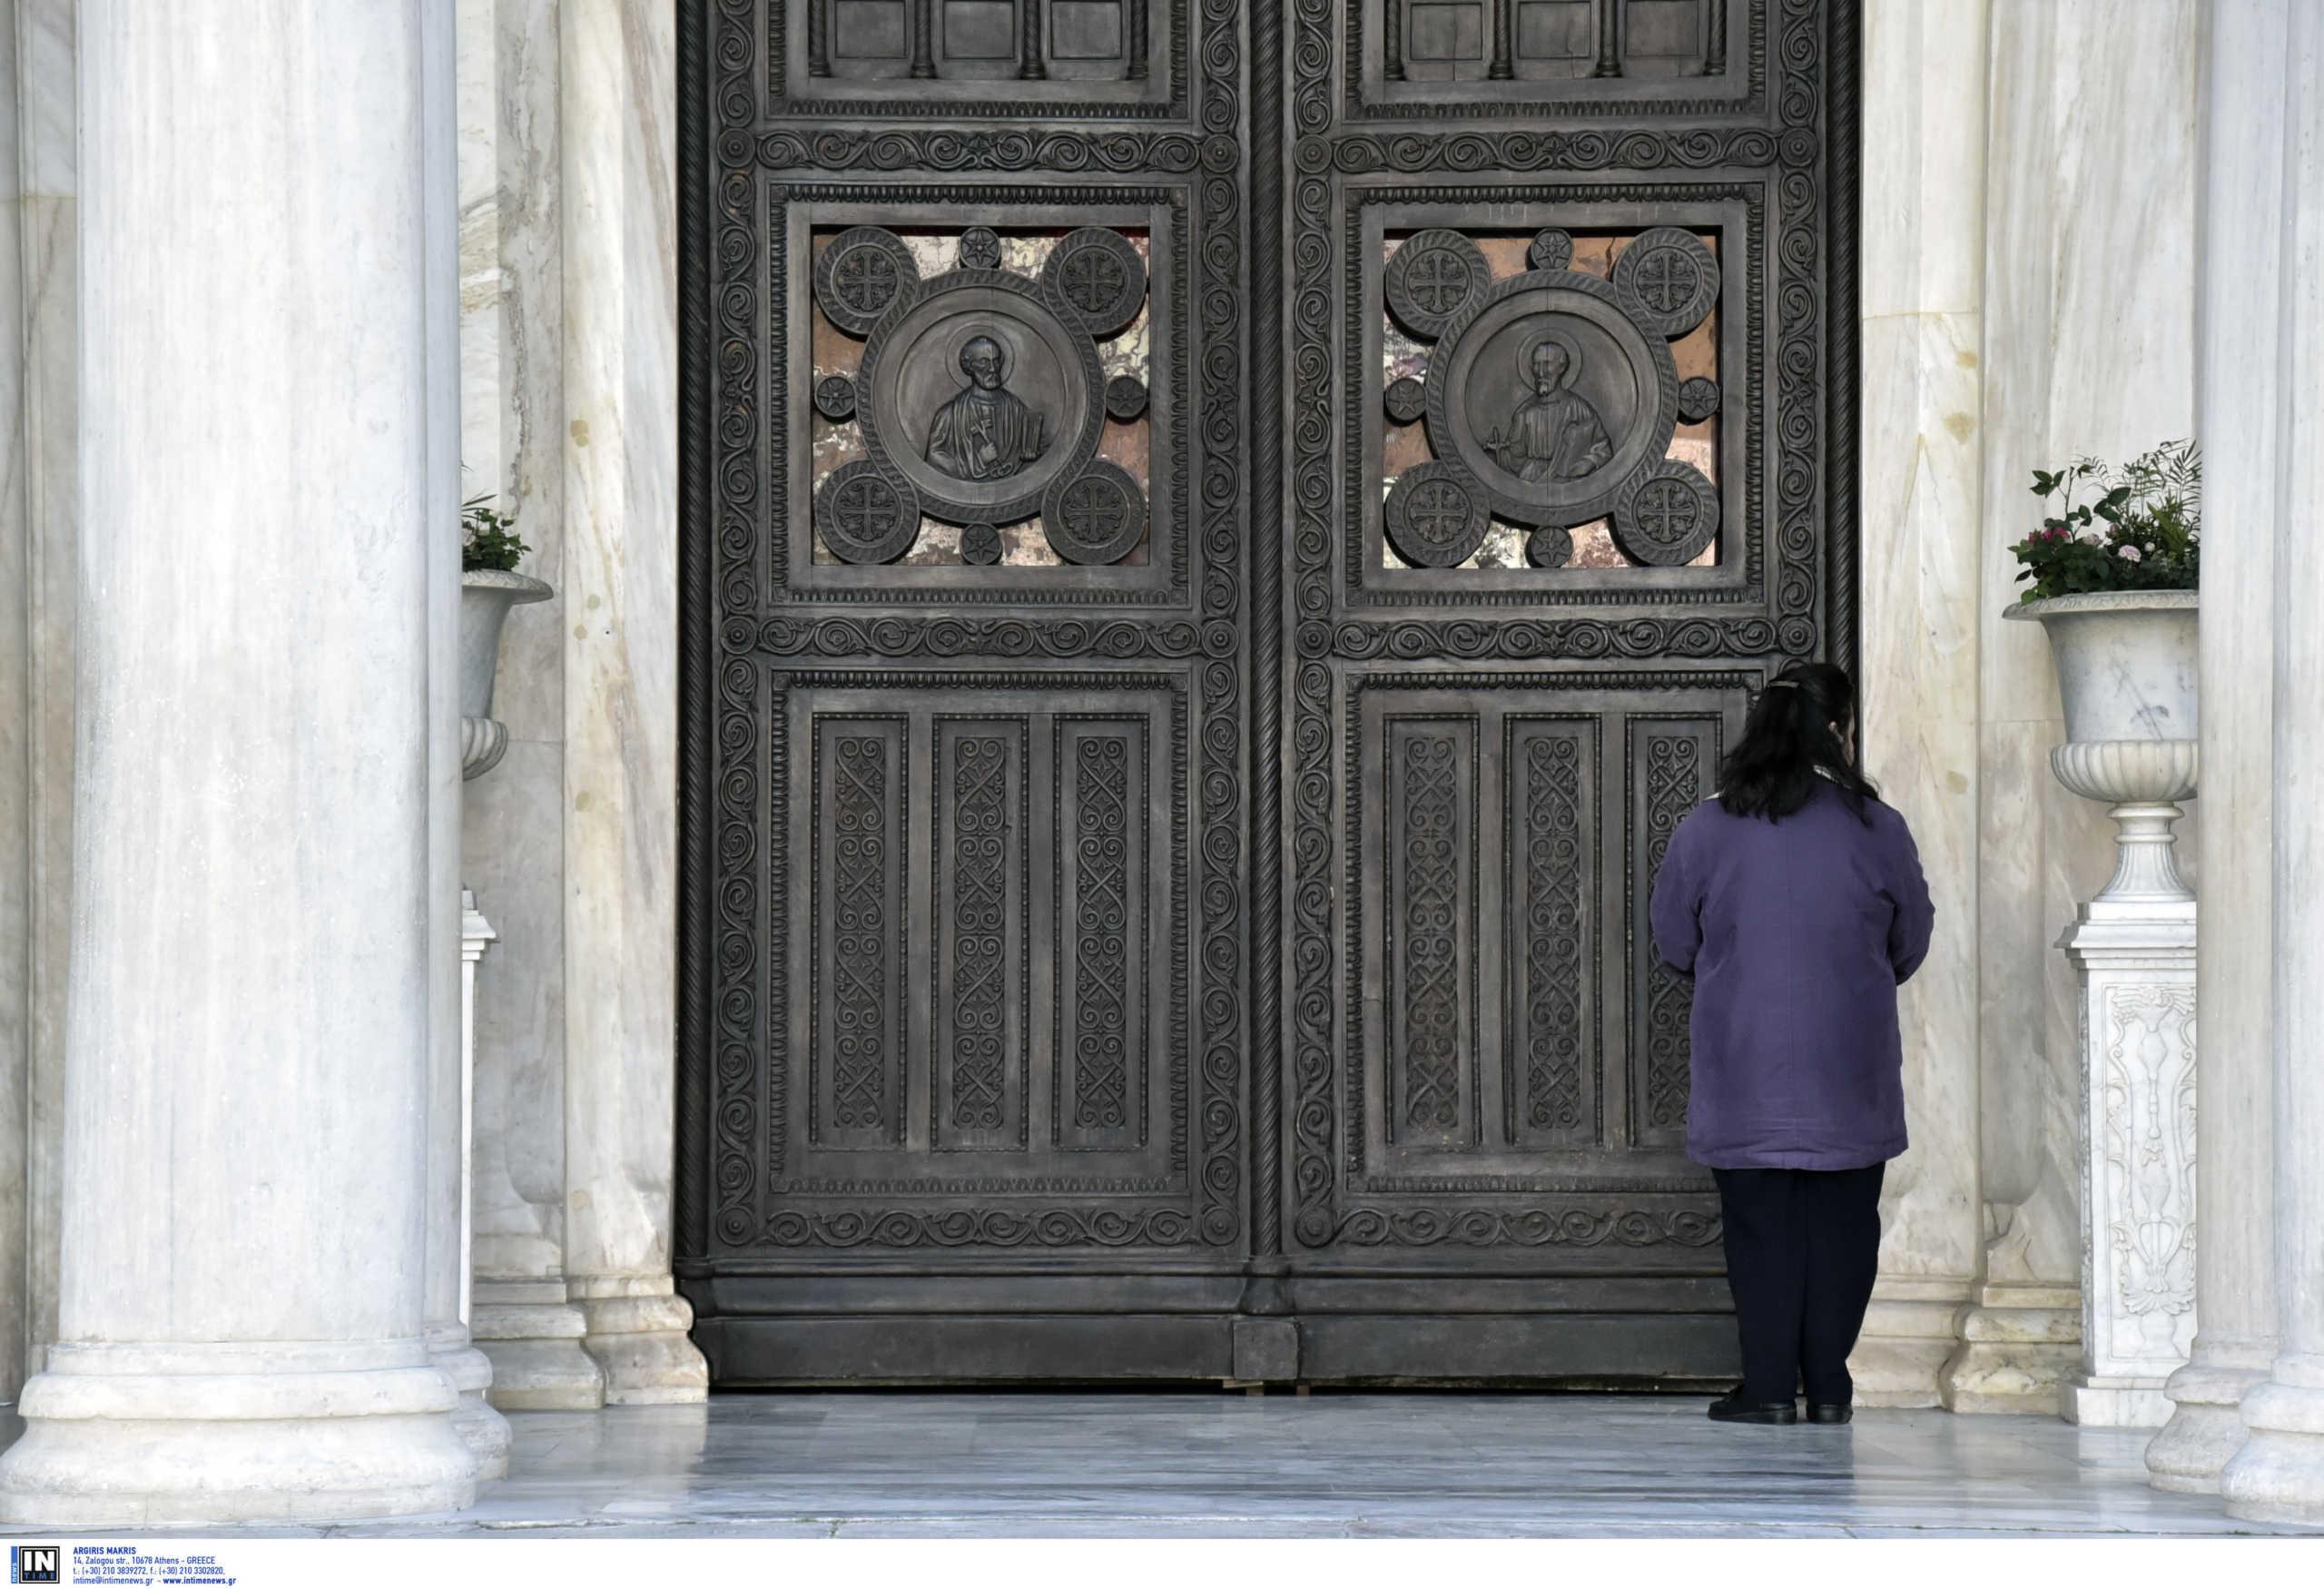 Προσφυγή στο ΣτΕ από τέσσερις δικηγόρους για τις εκκλησίες